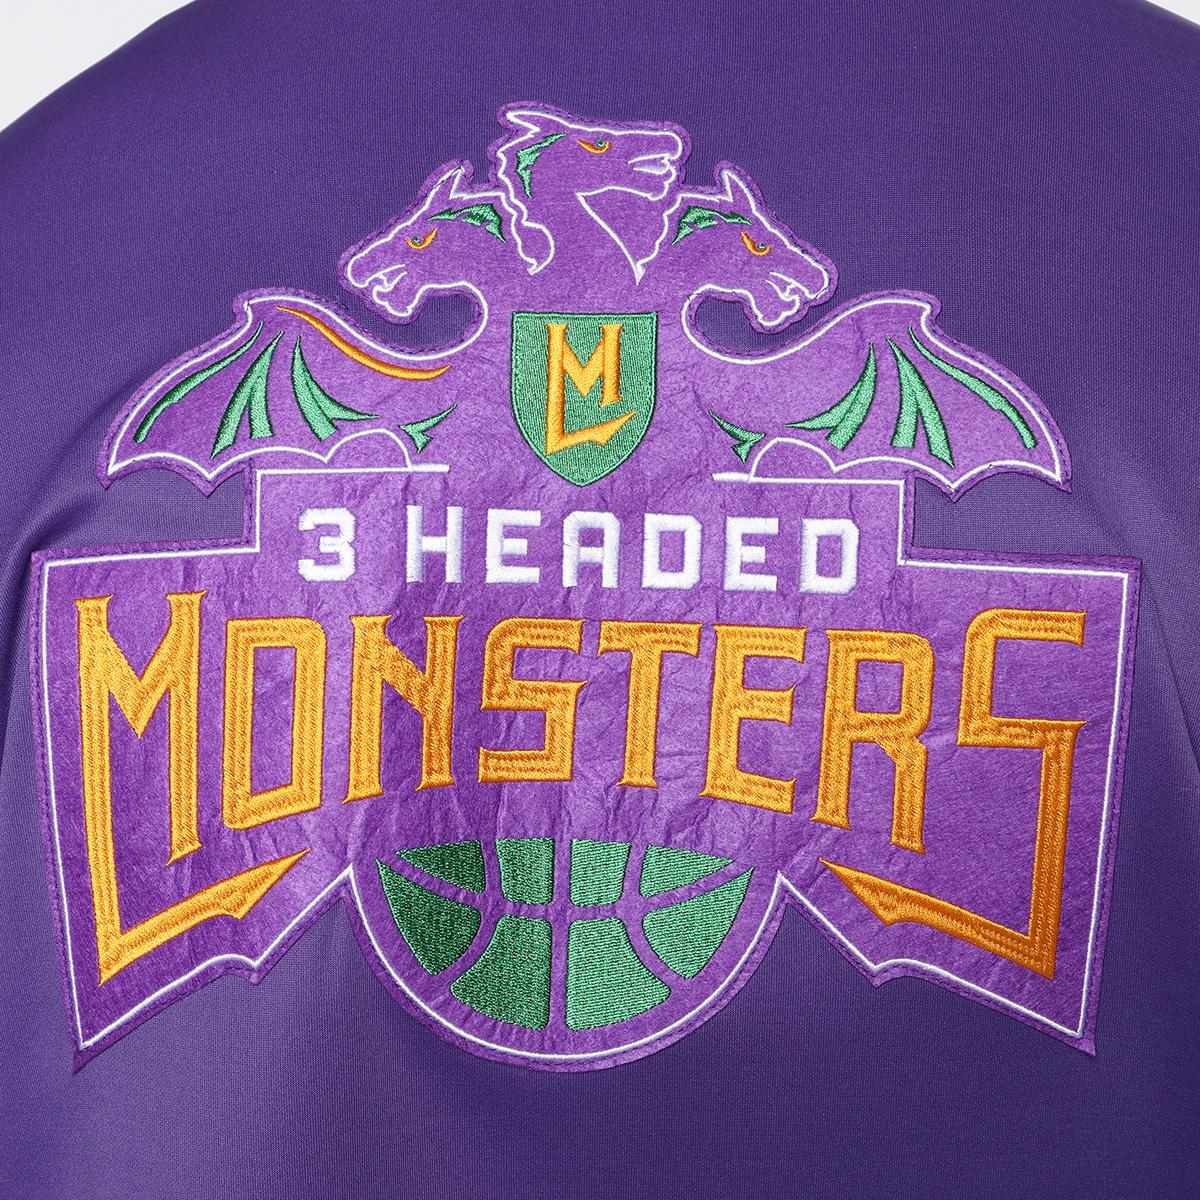 Team 3 Headed Monsters Jacket - Purple